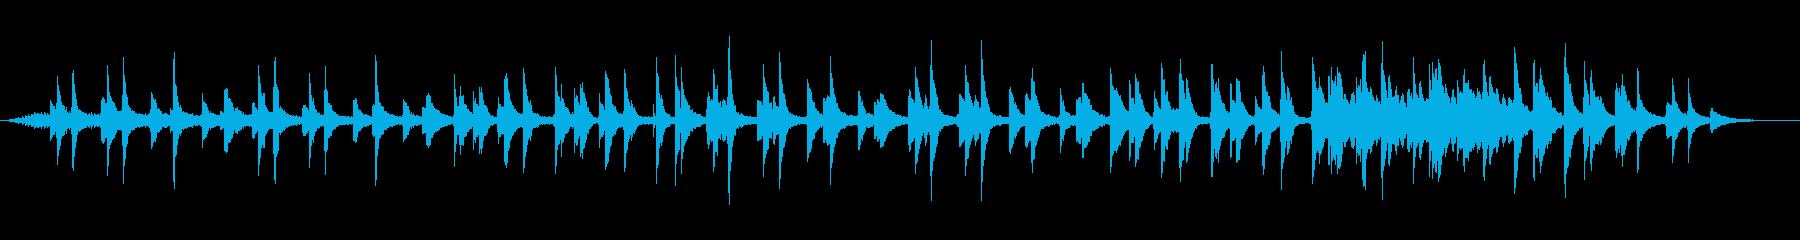 ゆっくりでひっそりしたメロディーの再生済みの波形